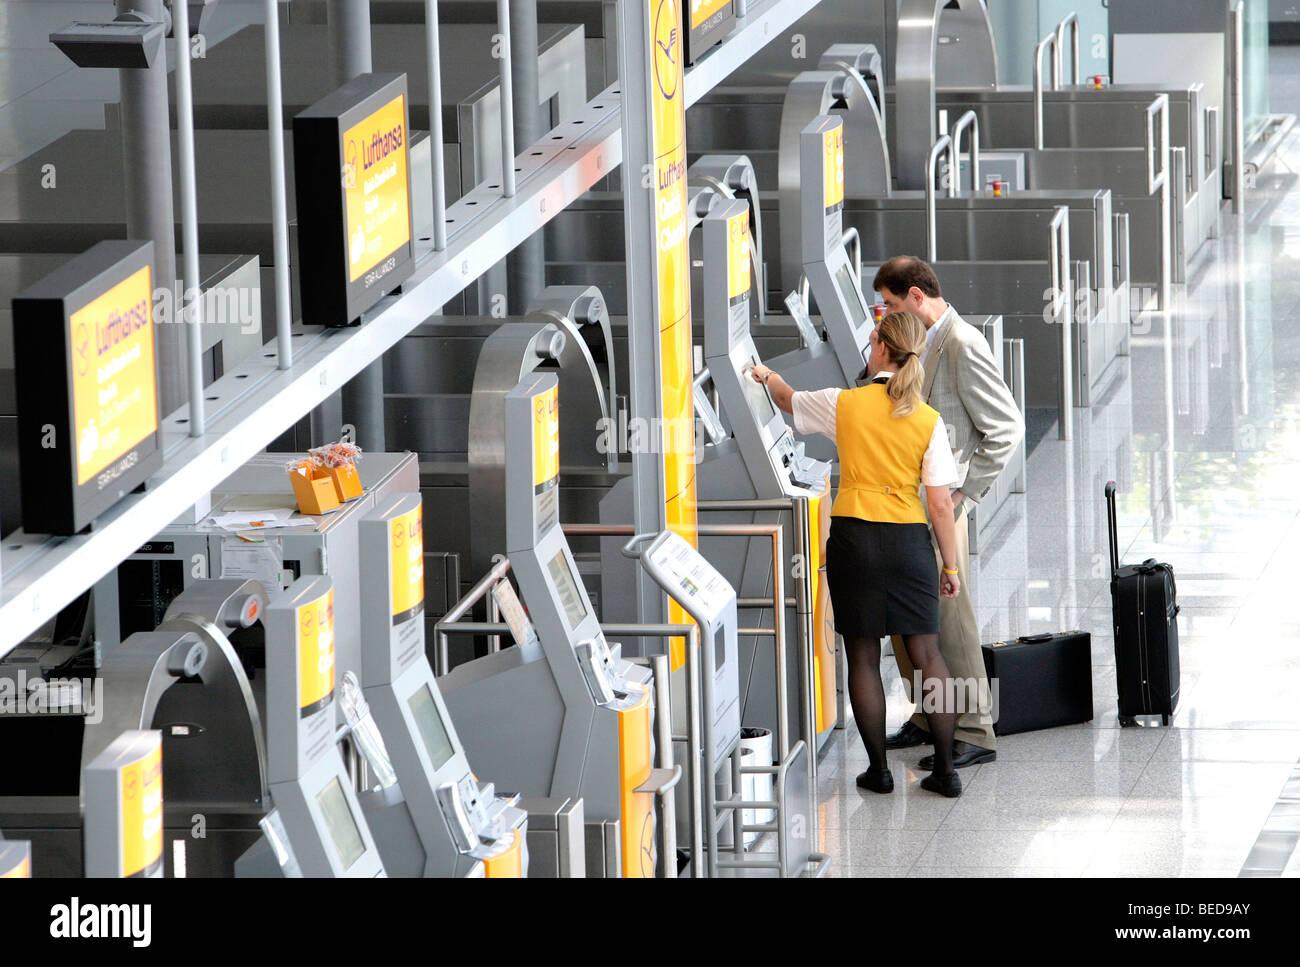 Lufthansa dipendente spiegando a un passeggero la Quick-Check-in-terminale della Lufthansa, il Terminal 2 dell'aeroporto Foto Stock